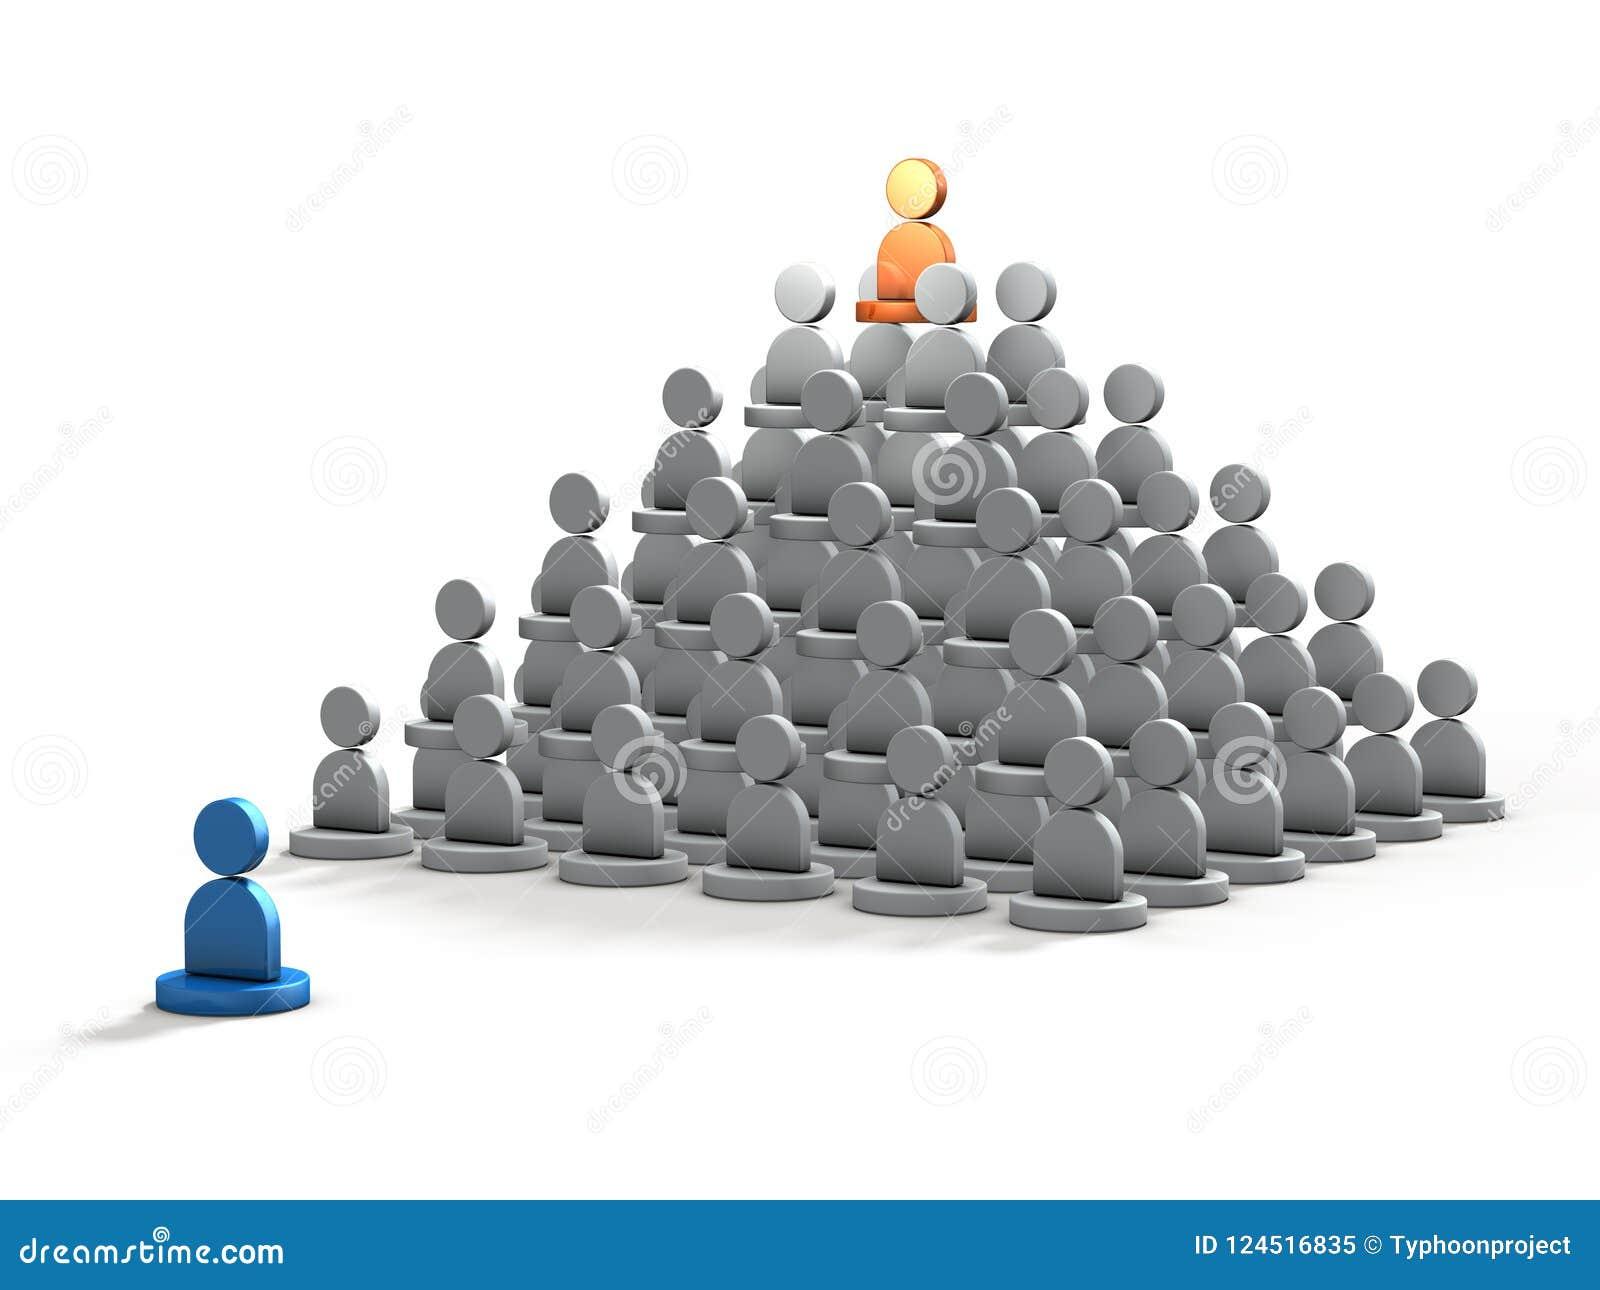 3DCG abstrait représentant la personne qui a été exclue de la structure sociale